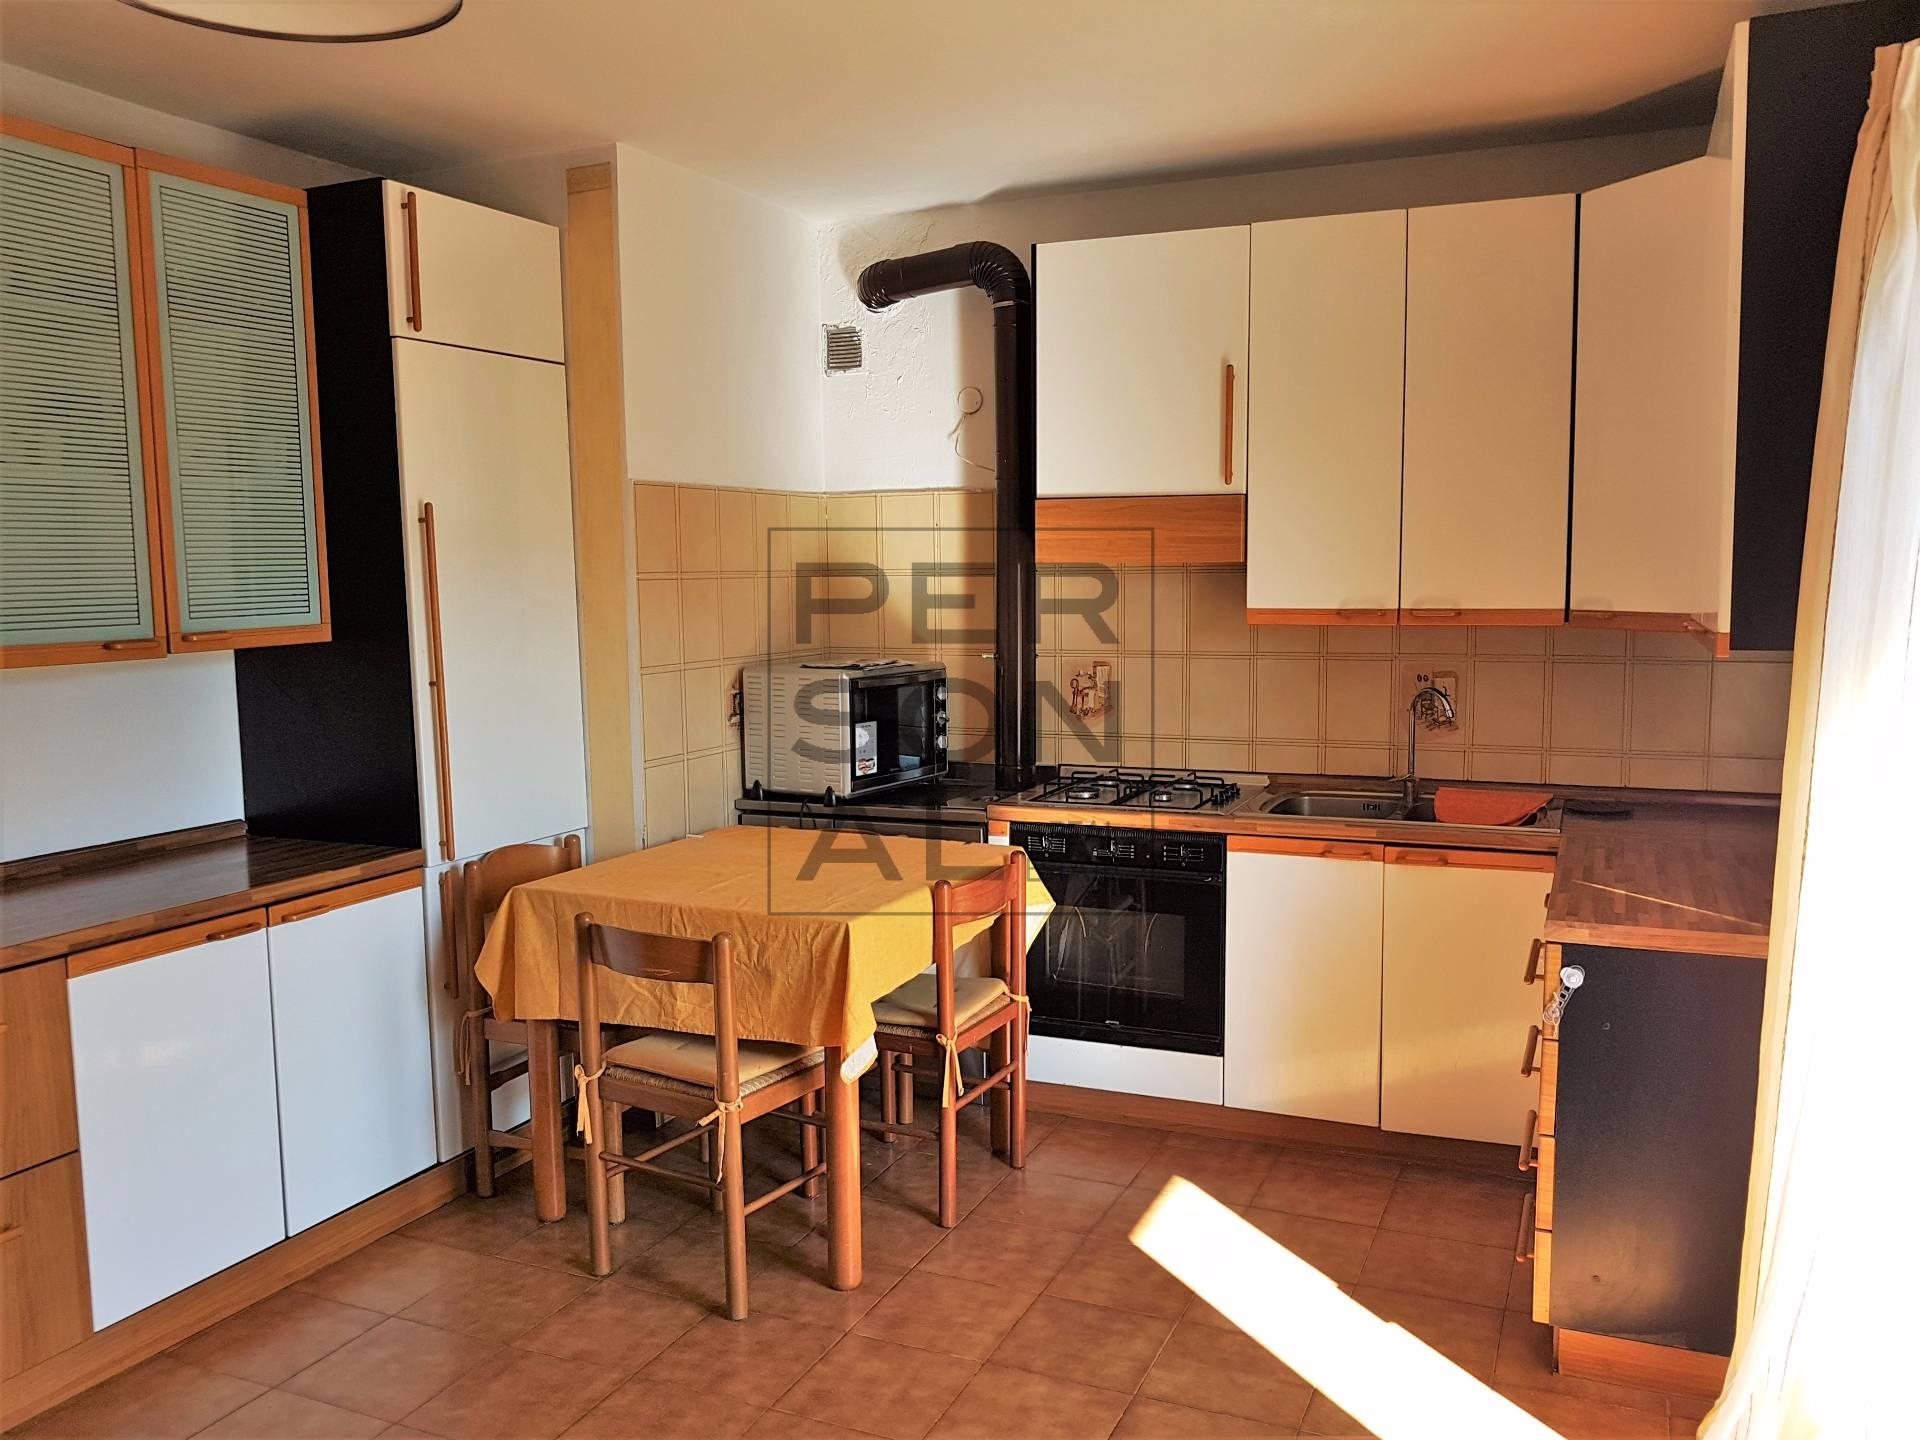 Appartamento in affitto a Mezzocorona, 2 locali, prezzo € 470 | CambioCasa.it